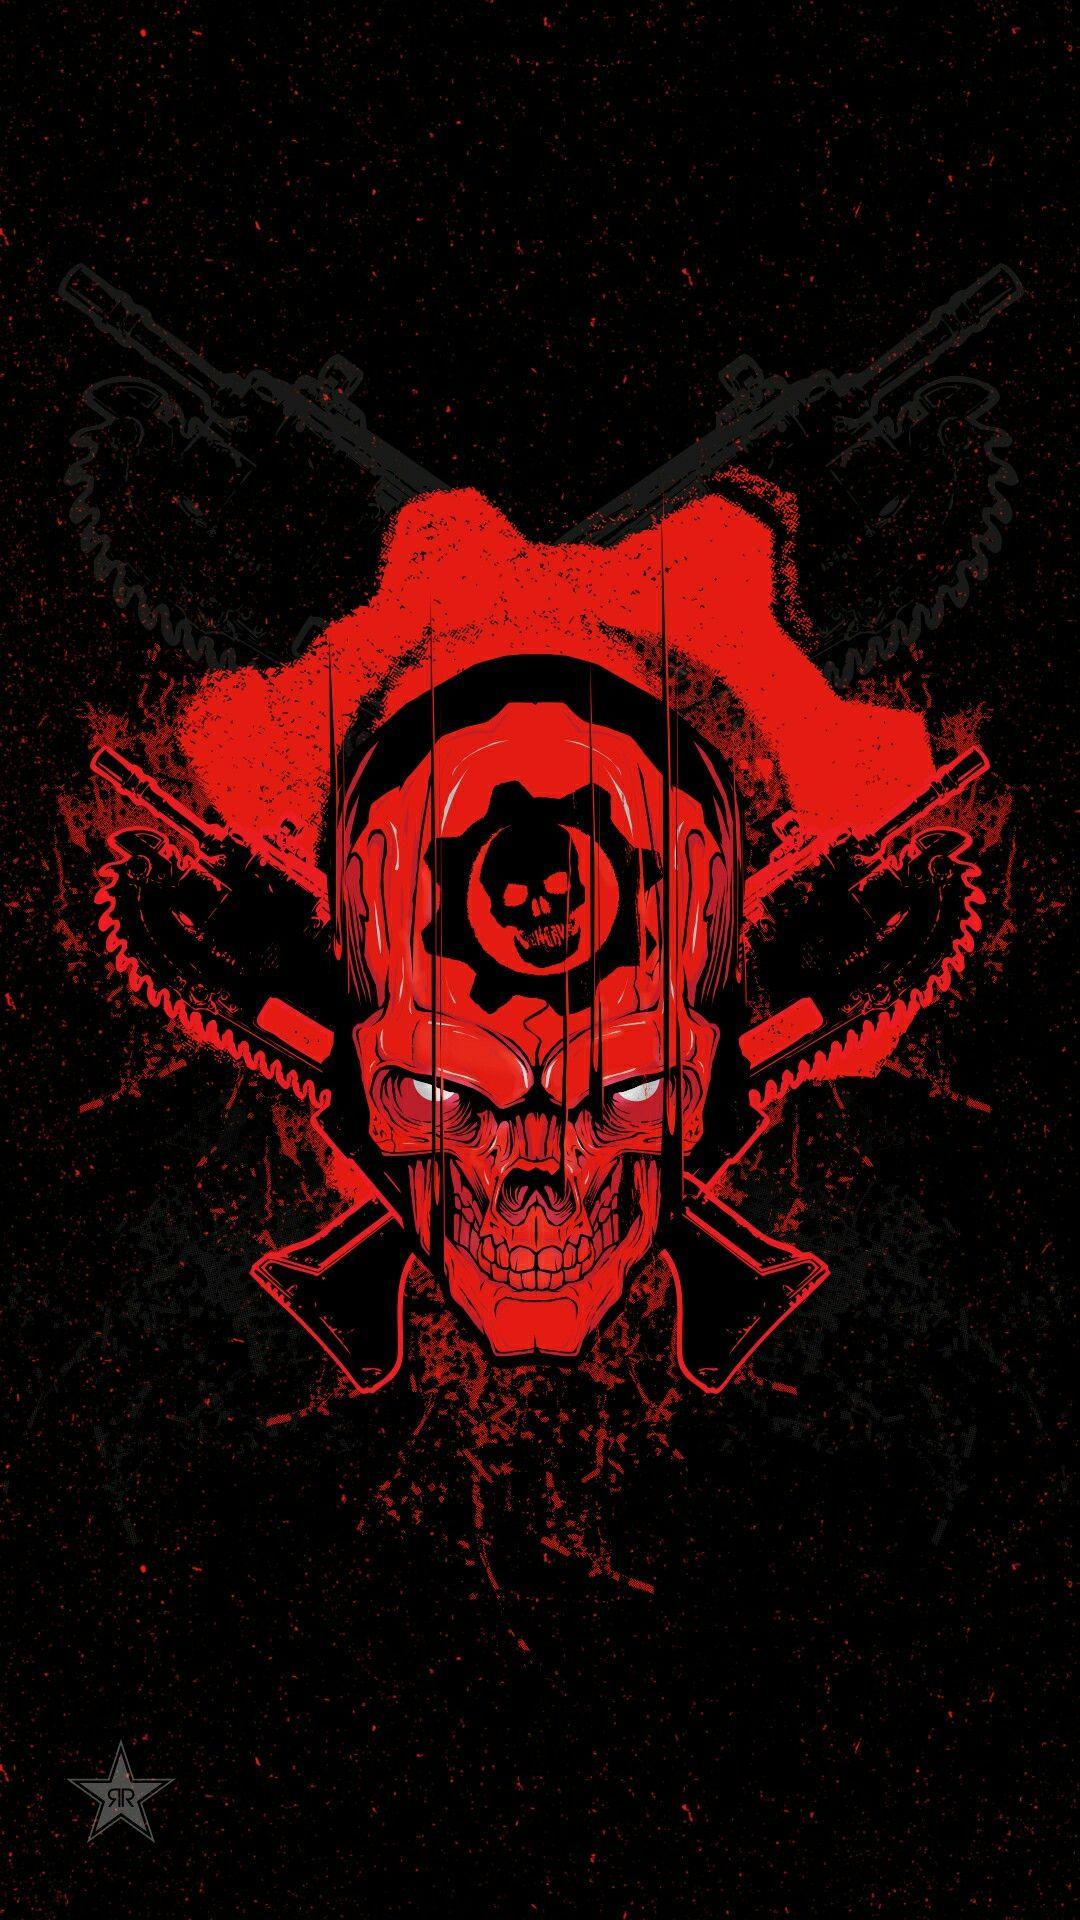 Hydro74 Gears of War Rockstar Energy Drink Gears of War